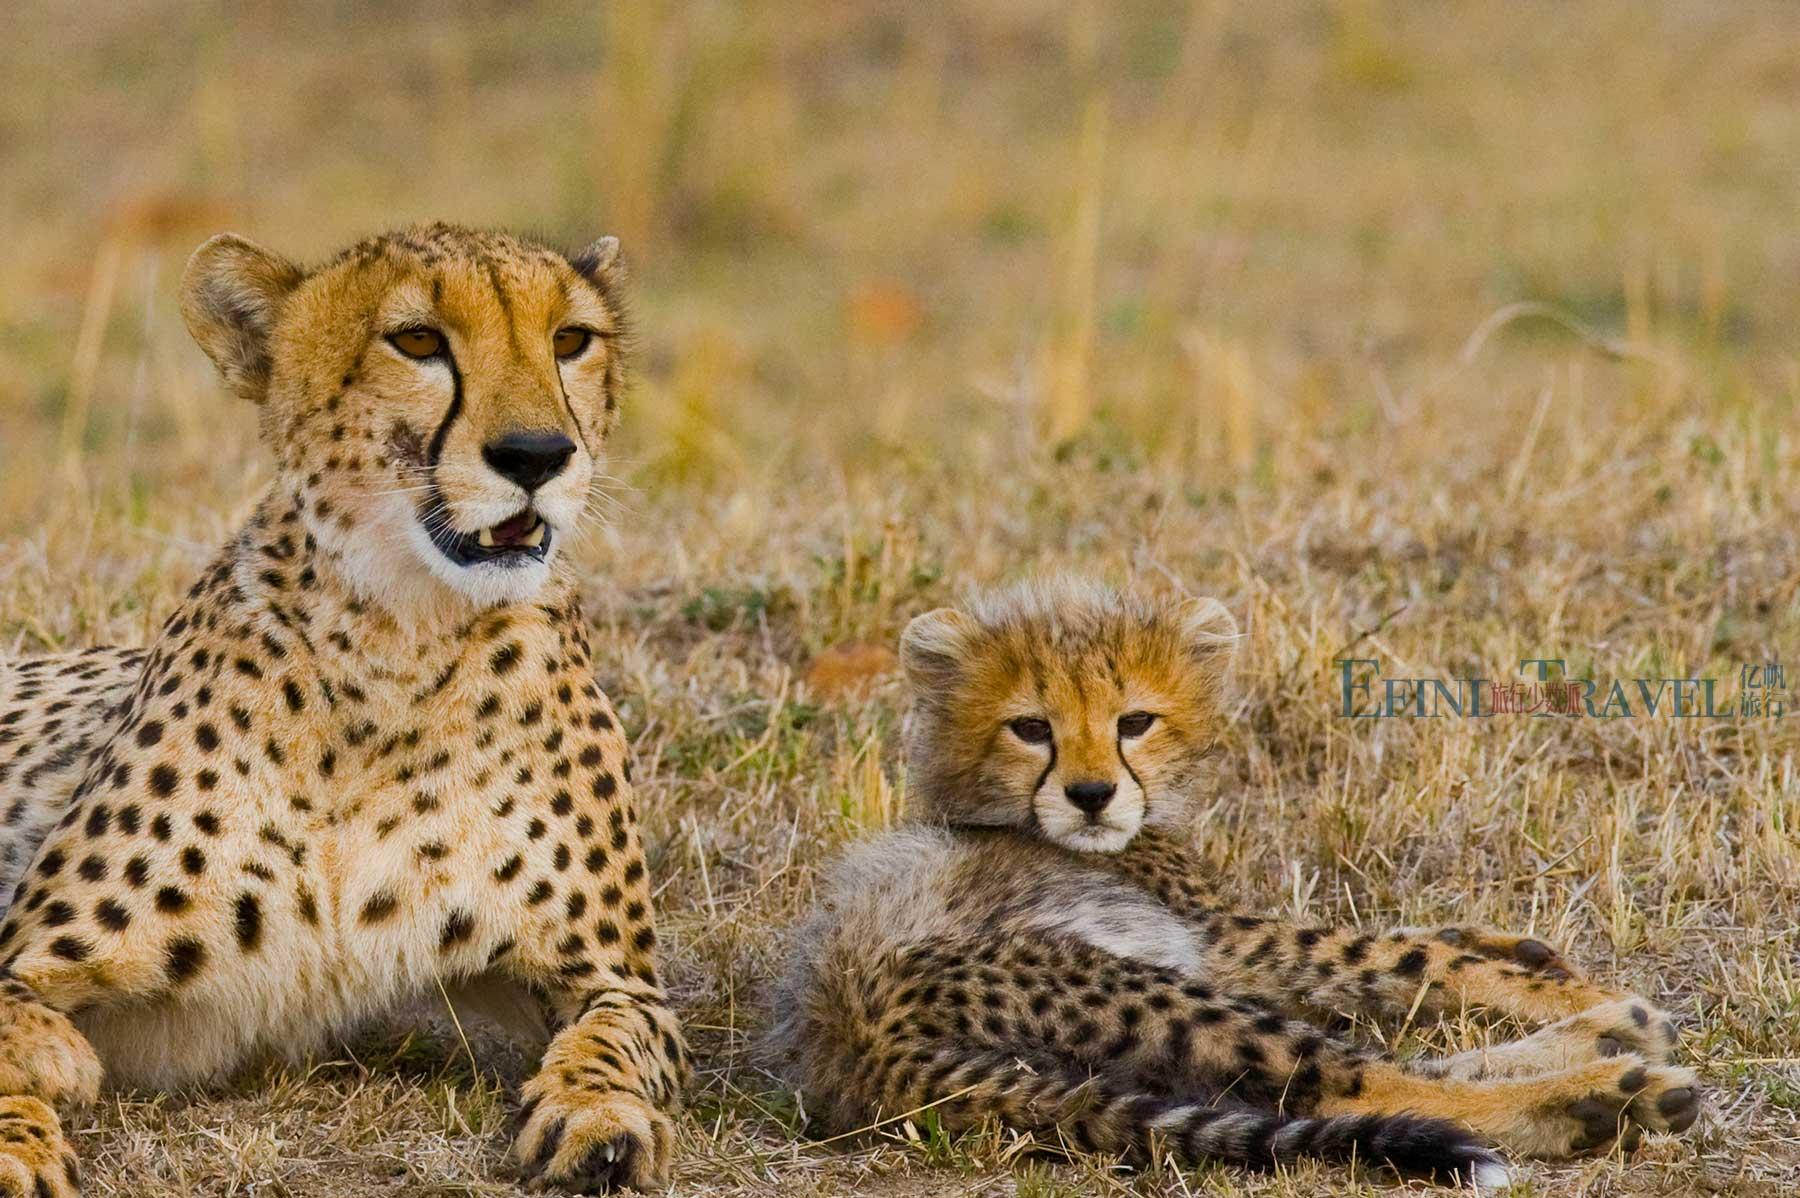 塞伦盖蒂草原豹子